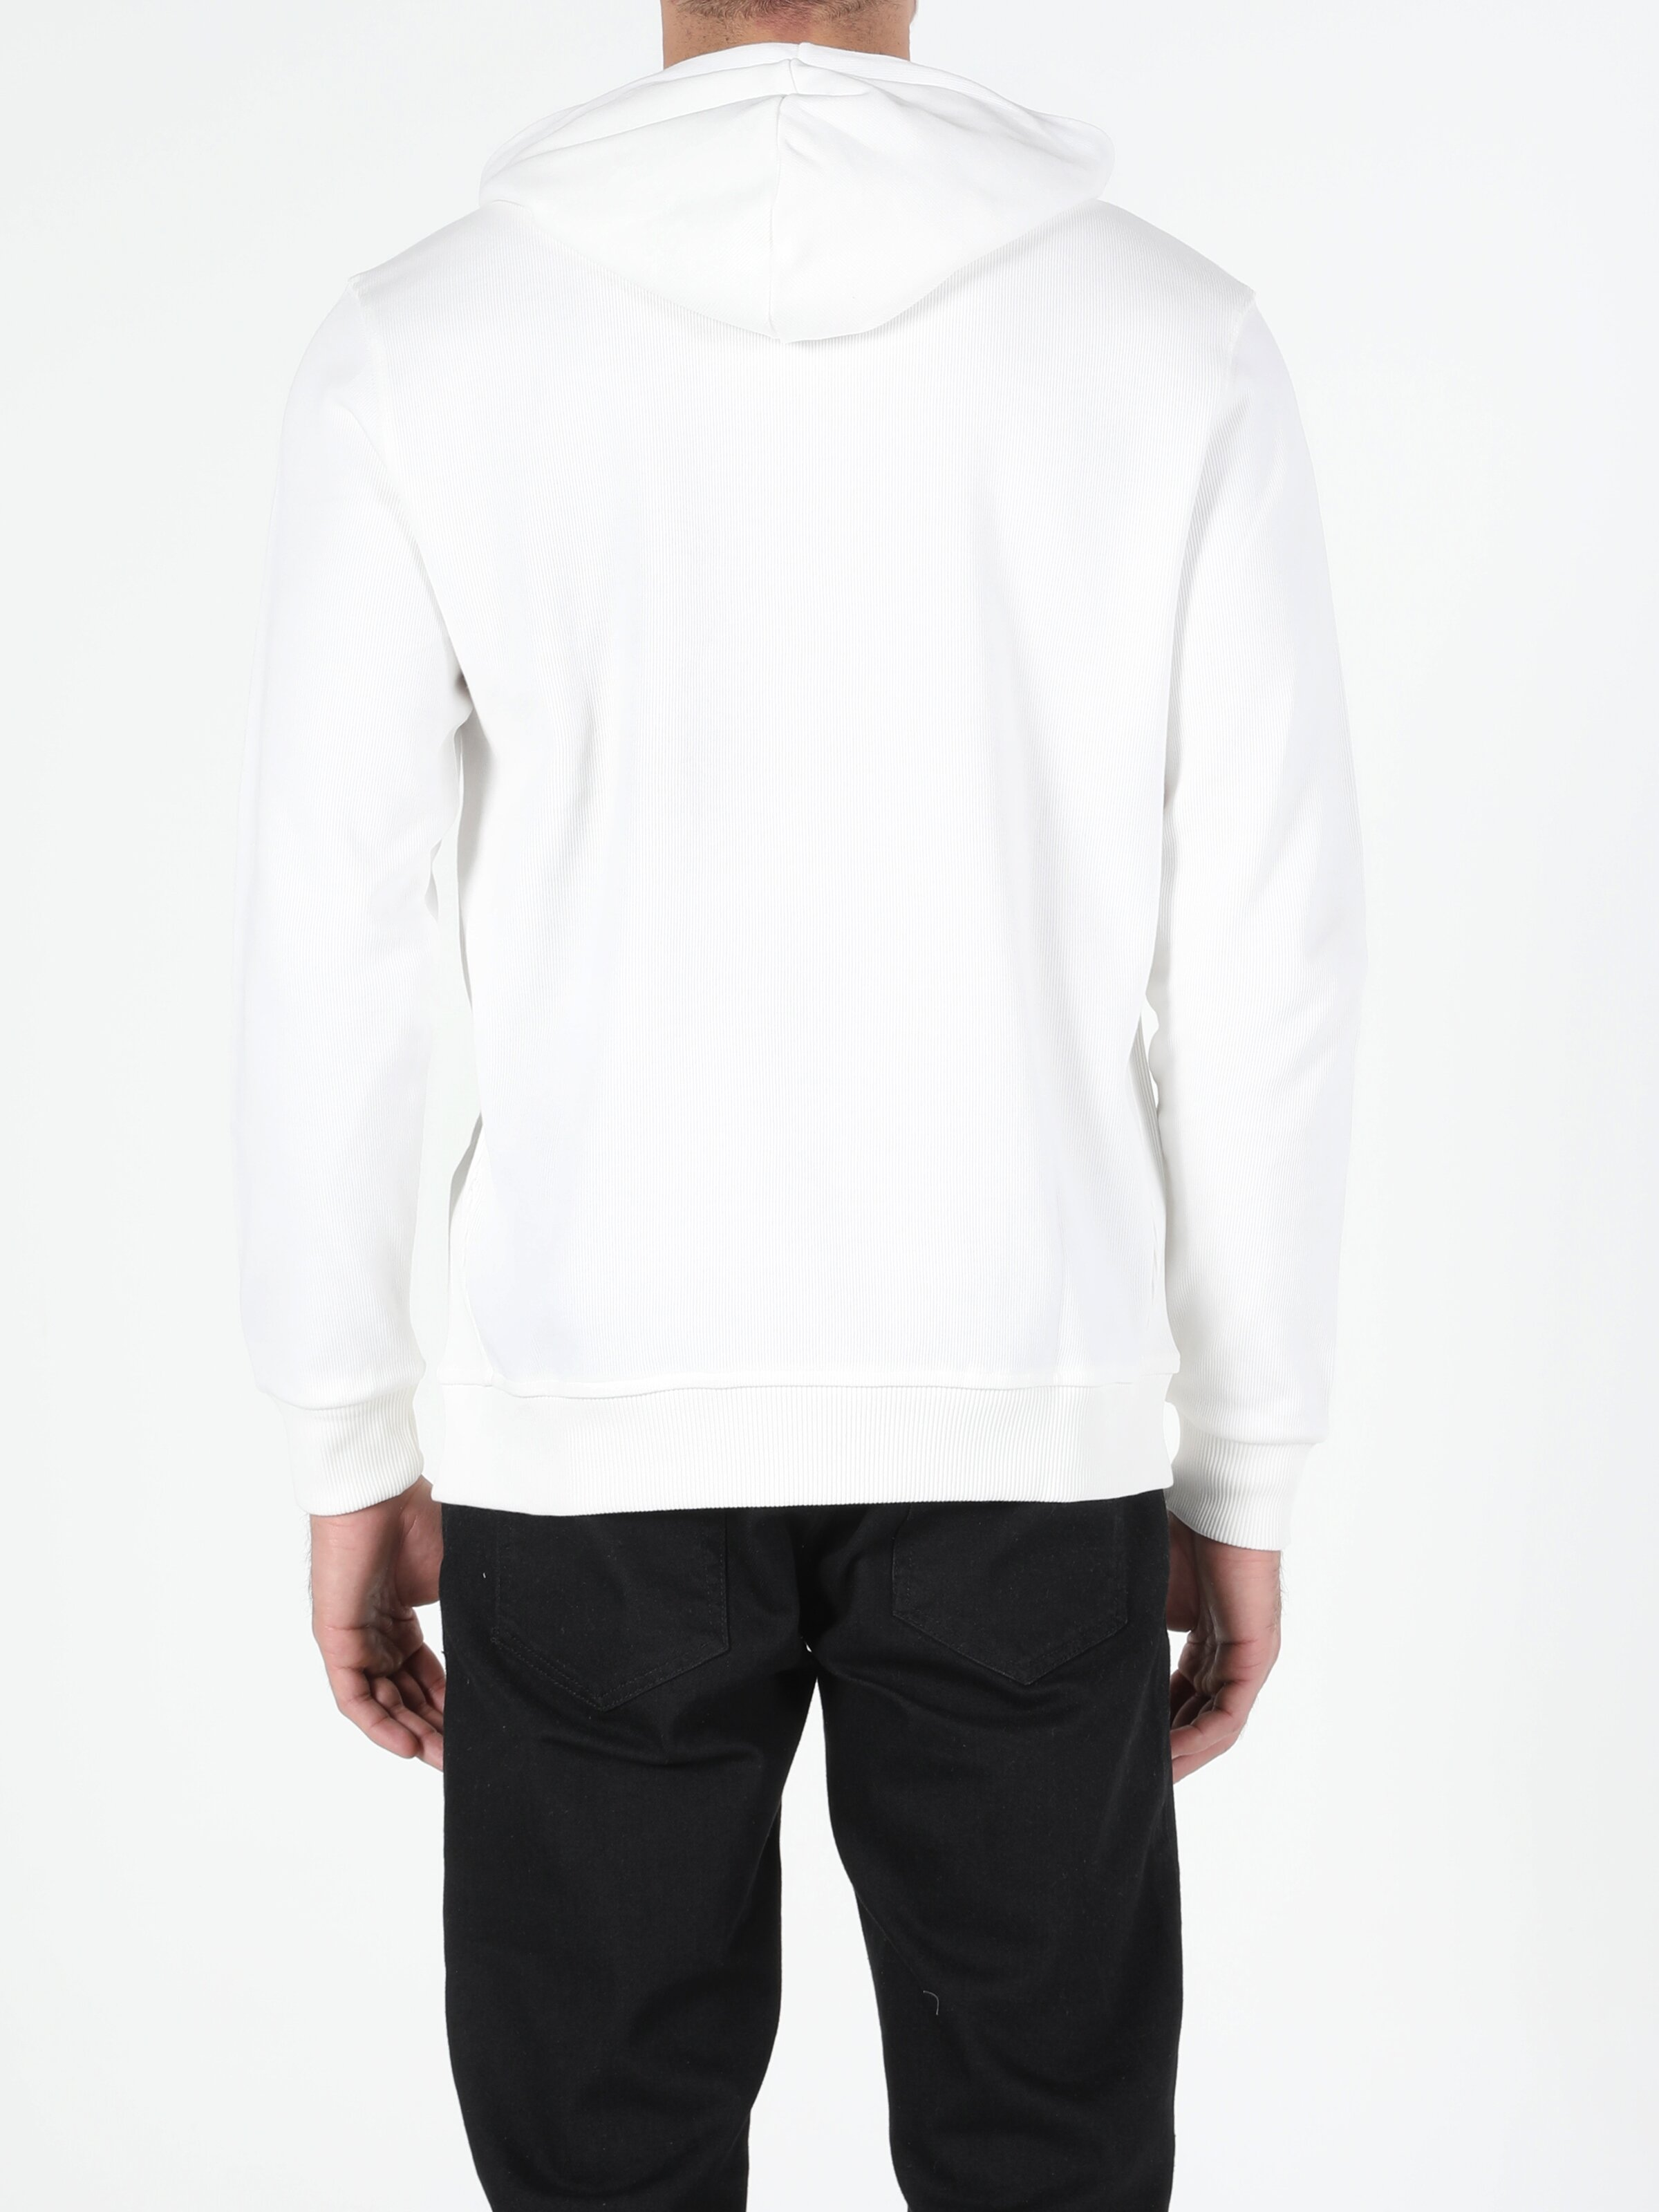 Regular Fir Beyaz Kapişonlu Erkek Sweatshirt